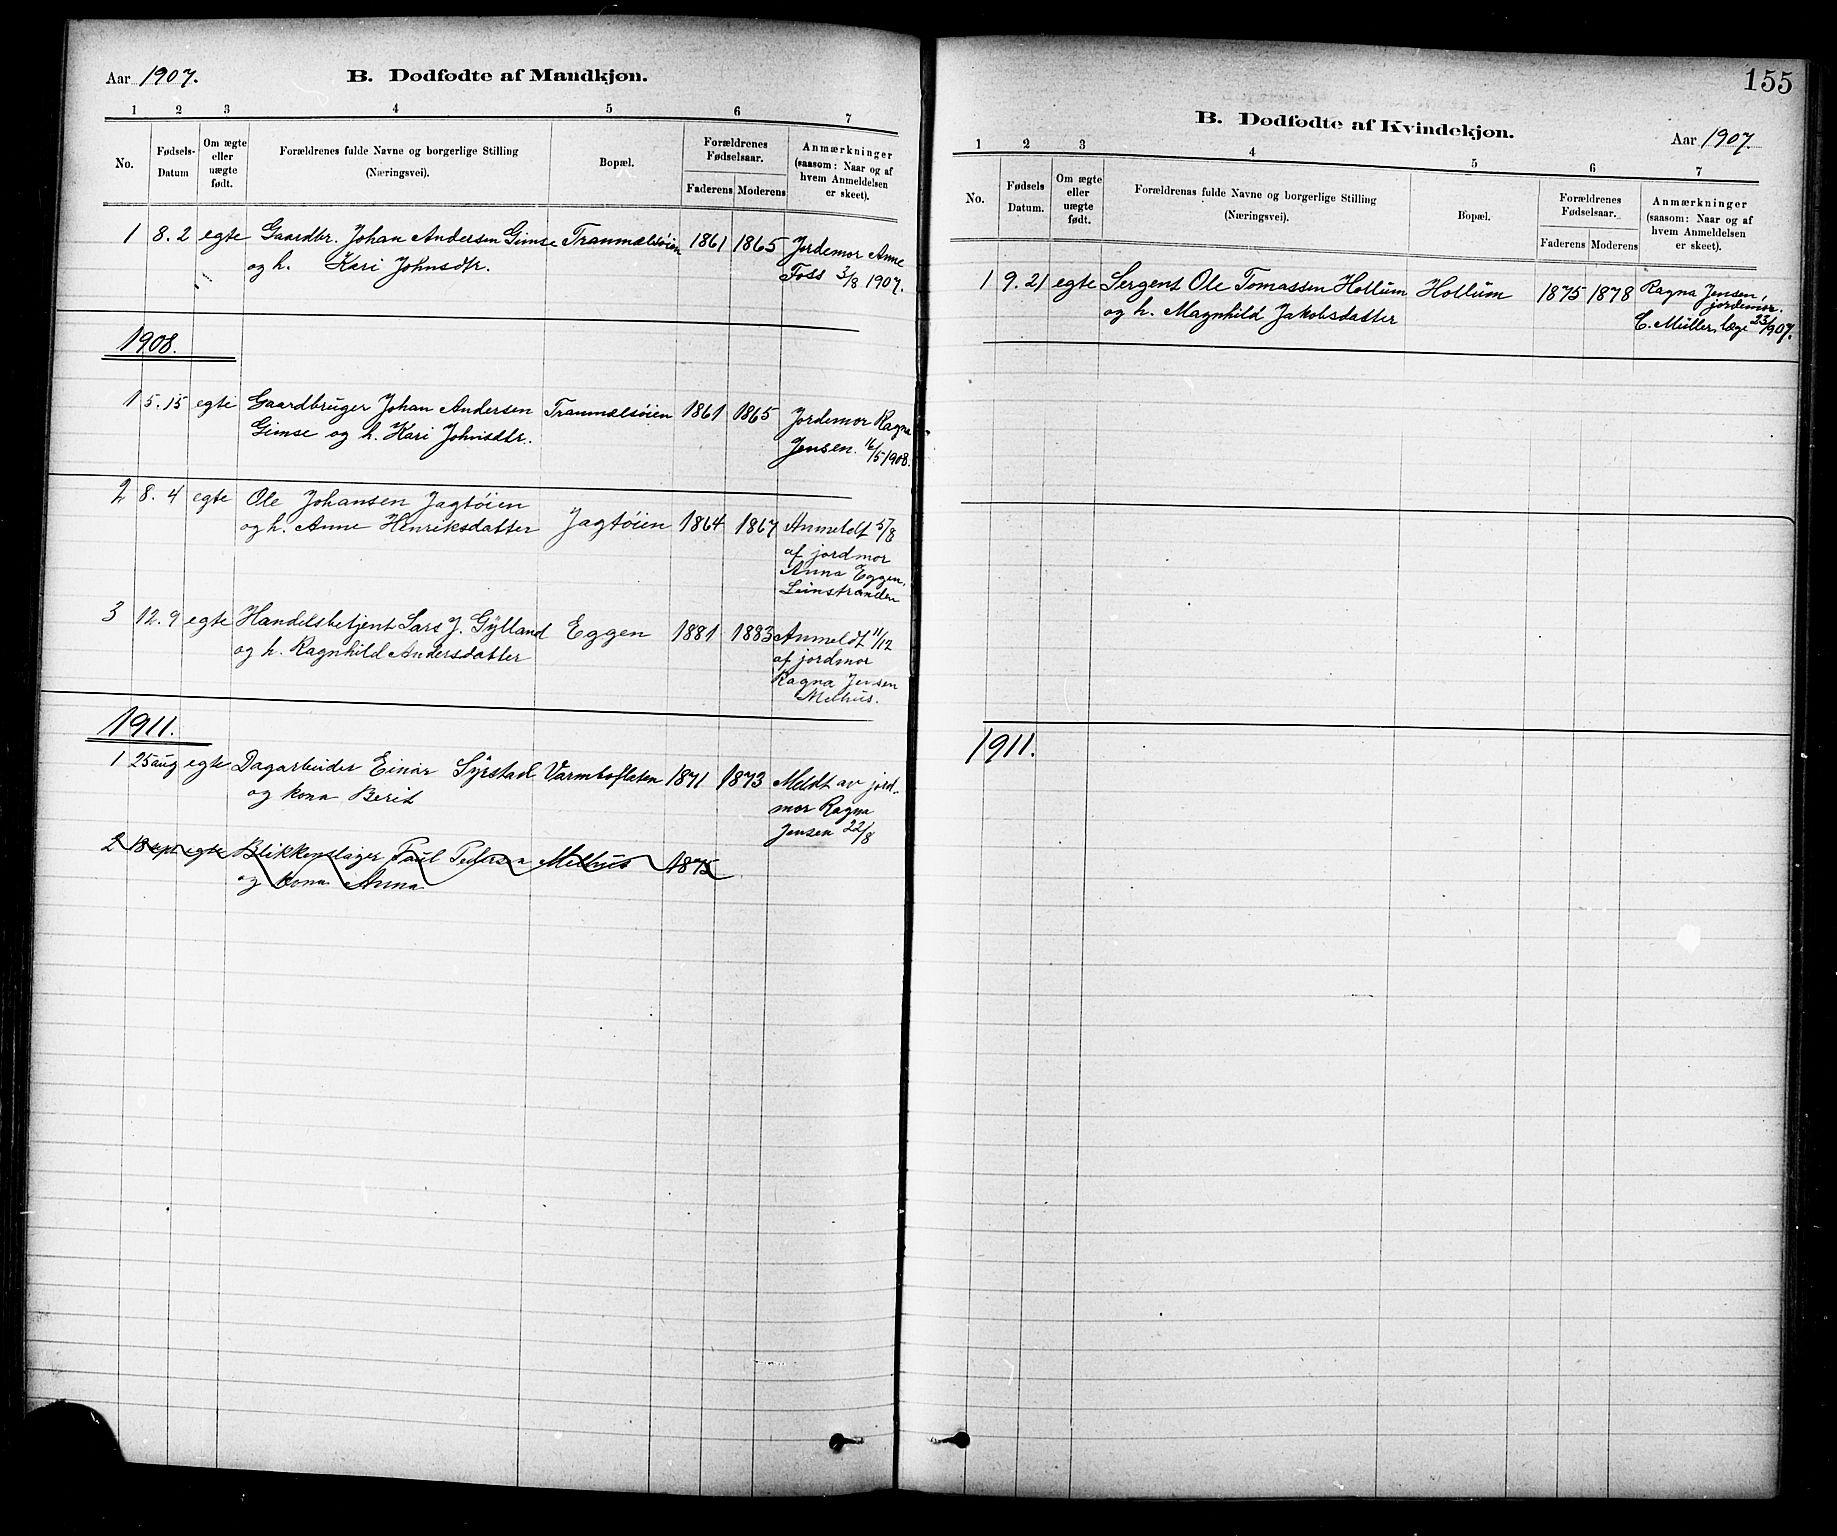 SAT, Ministerialprotokoller, klokkerbøker og fødselsregistre - Sør-Trøndelag, 691/L1094: Klokkerbok nr. 691C05, 1879-1911, s. 155